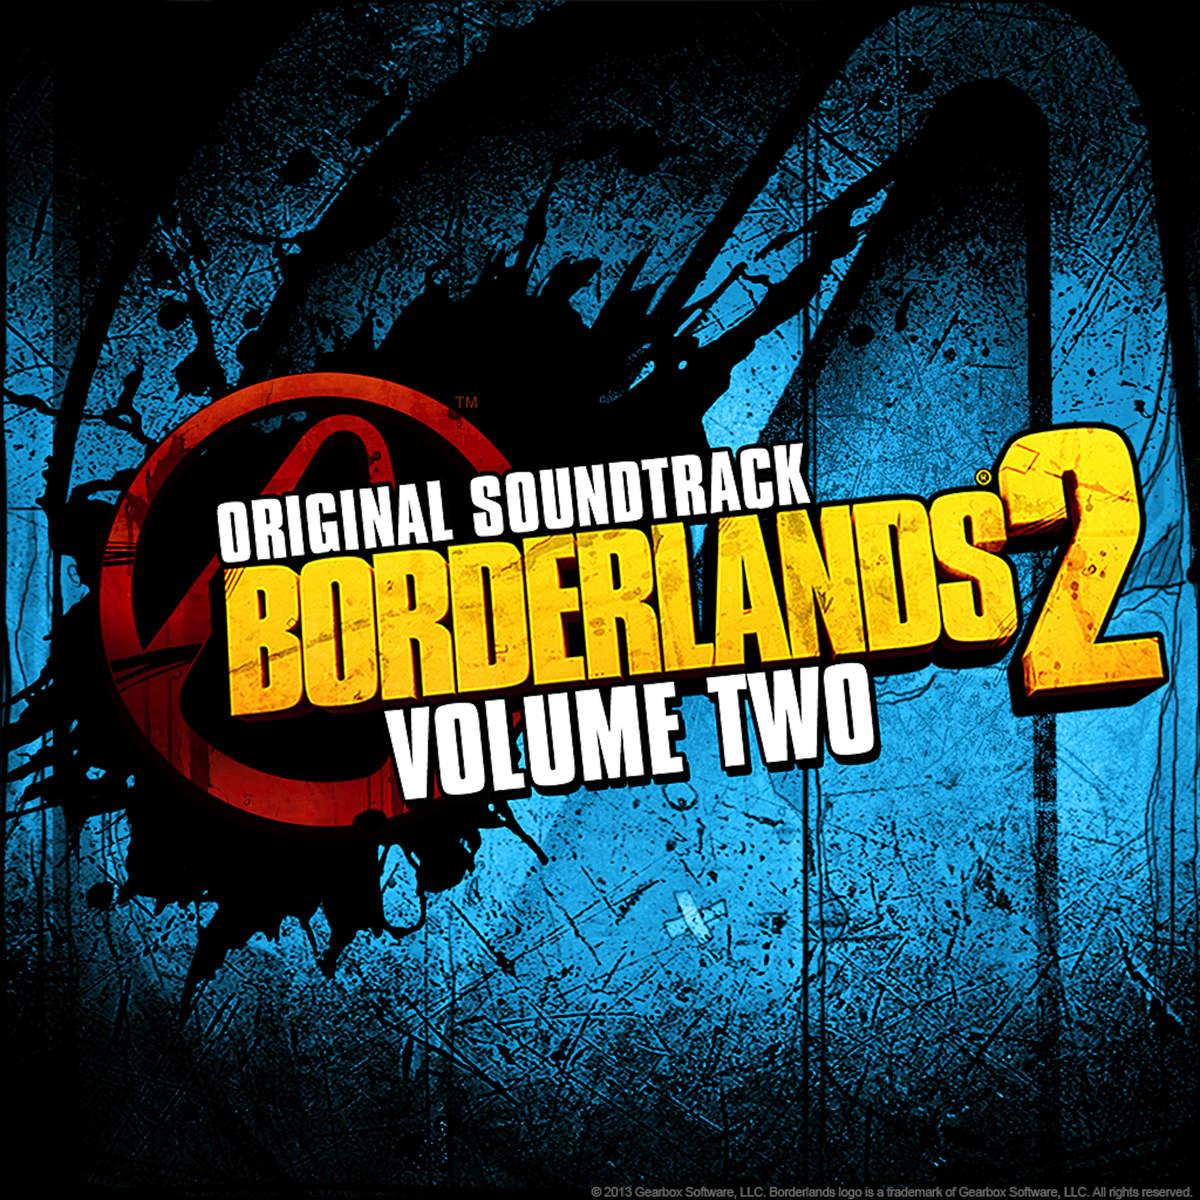 Borderlands_2_Original_Soundtrack_Volume_Two__cover1200x1200.jpeg